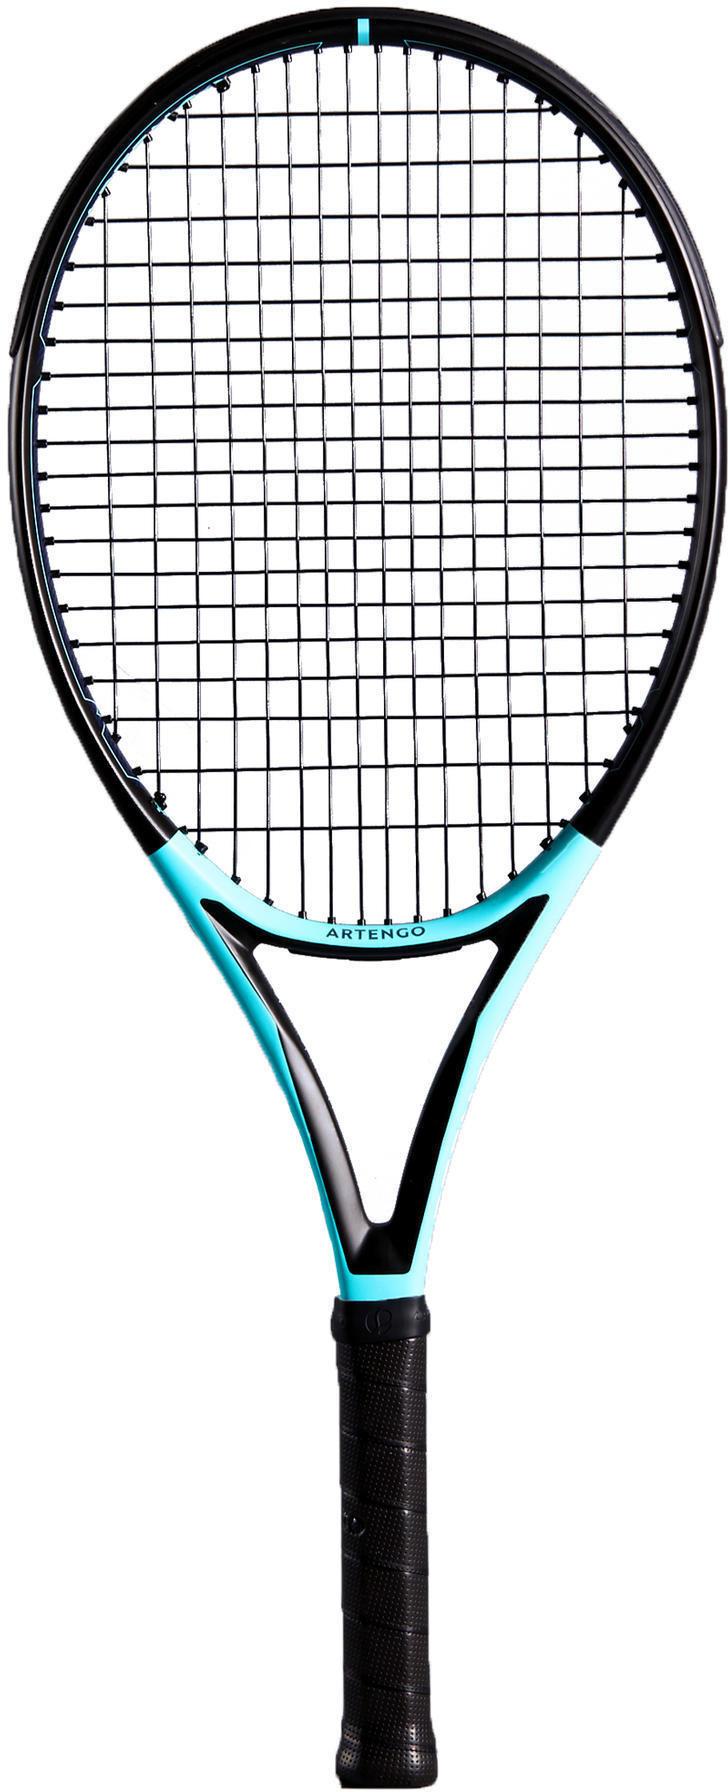 ARTENGO Rakieta tenisowa TR500 Lite unisex